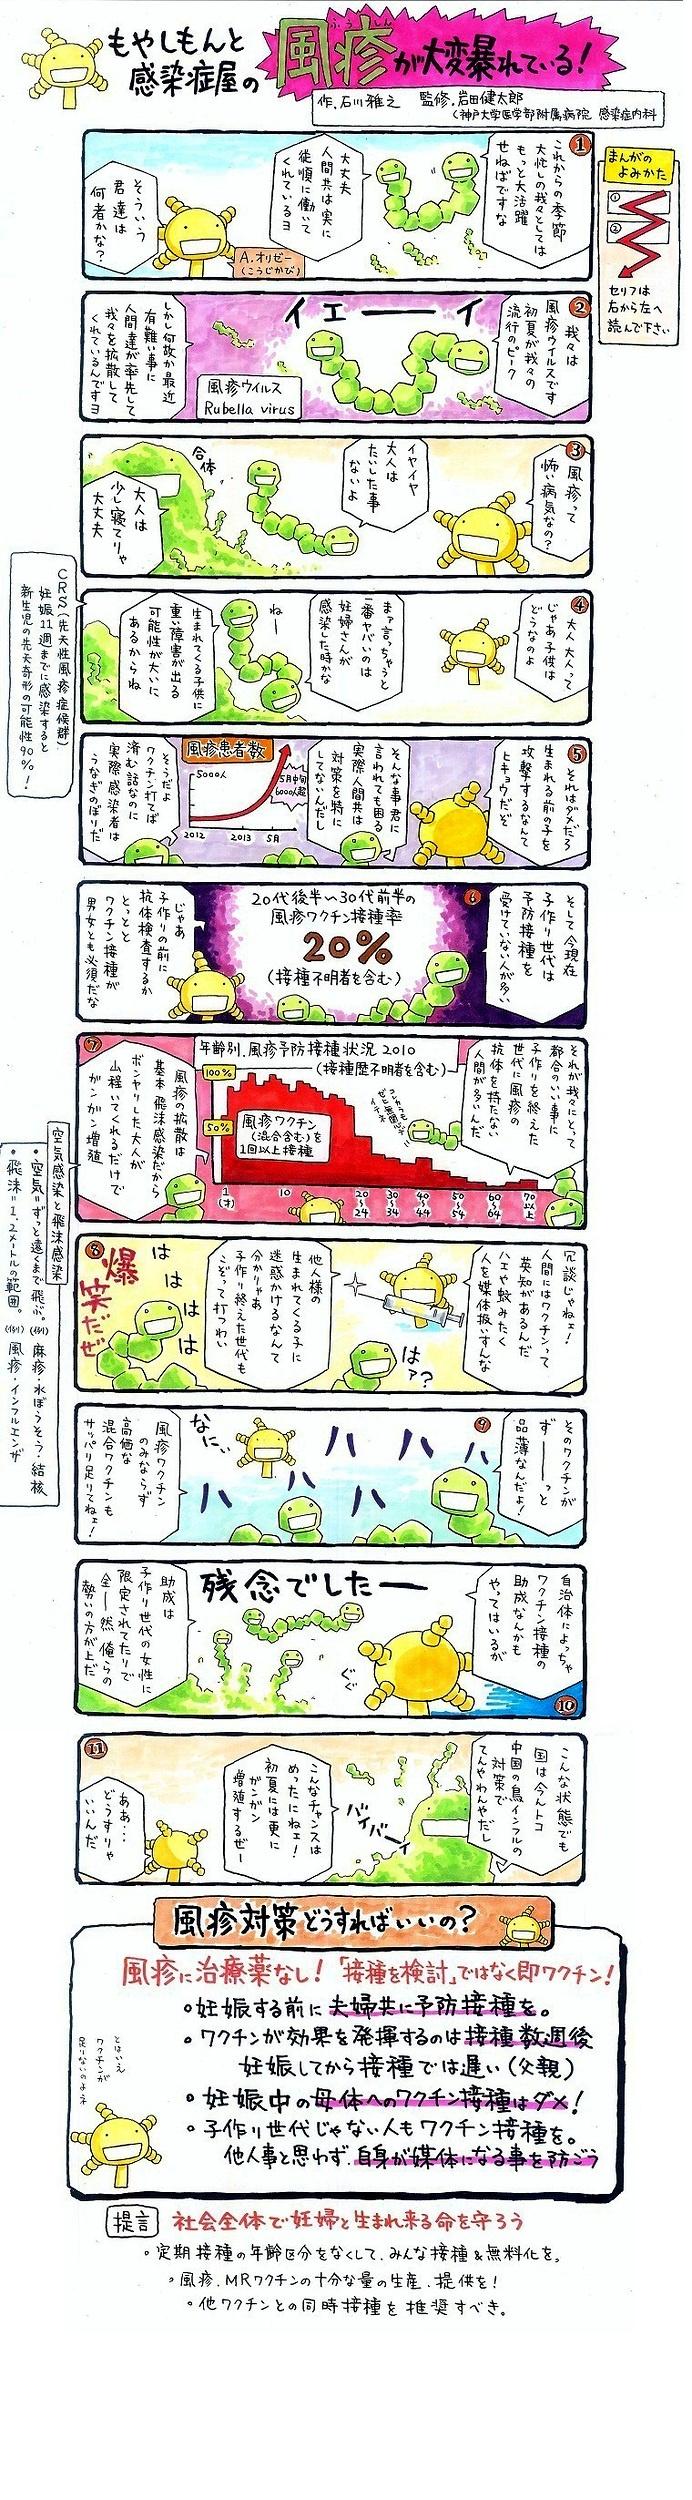 「もやしもん」の作者が、風疹について学べる漫画を無料公開 | A!@Atsuhiko Takahashi  (via http://attrip.jp/99204 )